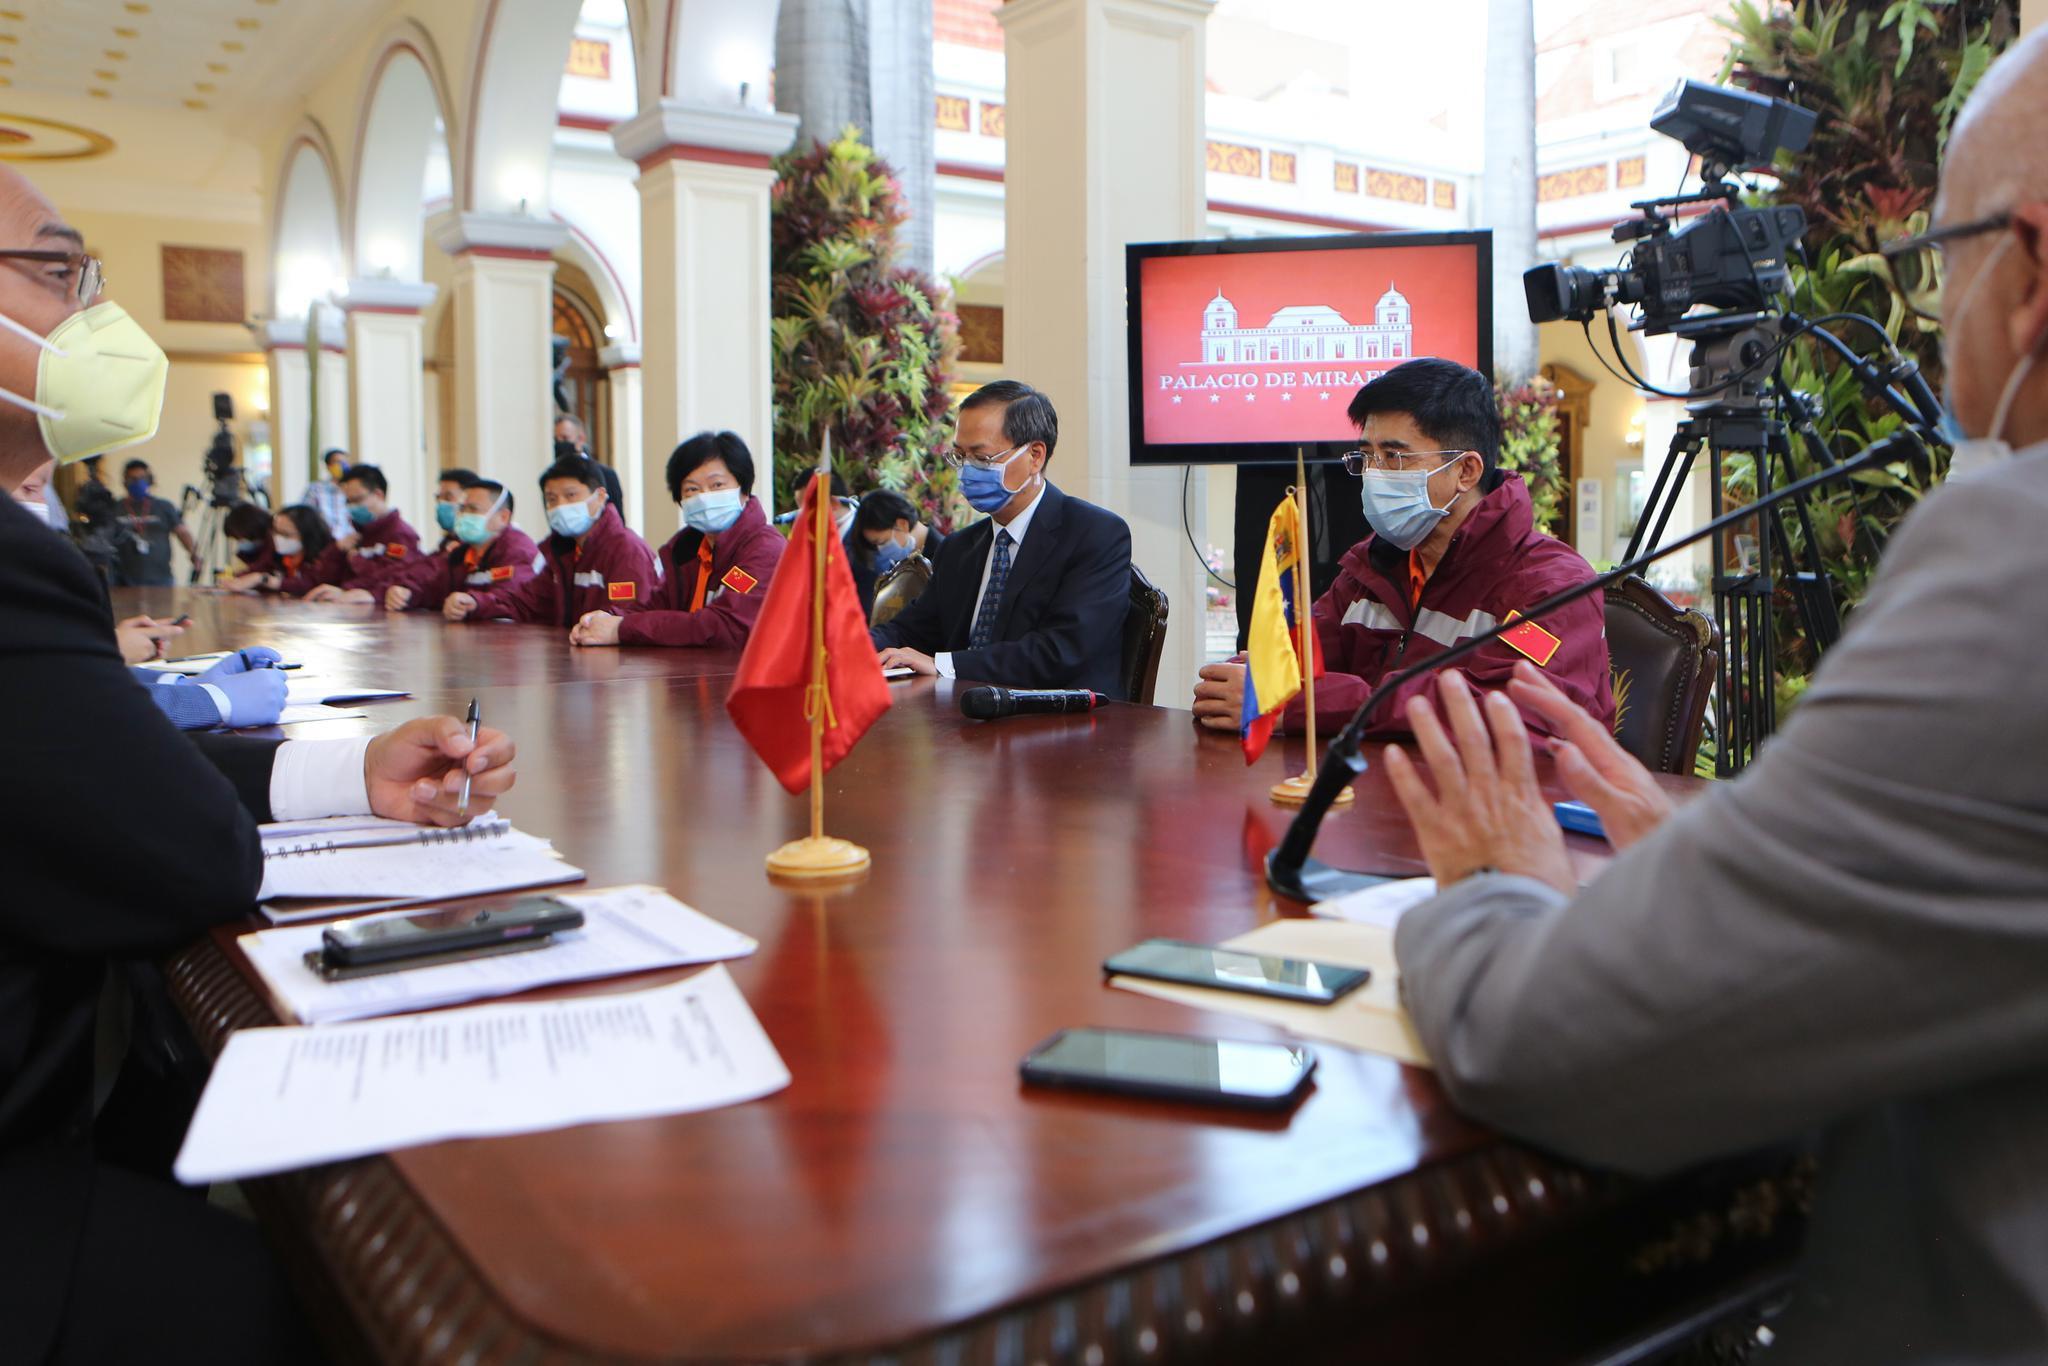 独家 | 中国专家组:委内瑞拉借鉴中国抗疫模式取得积极成效